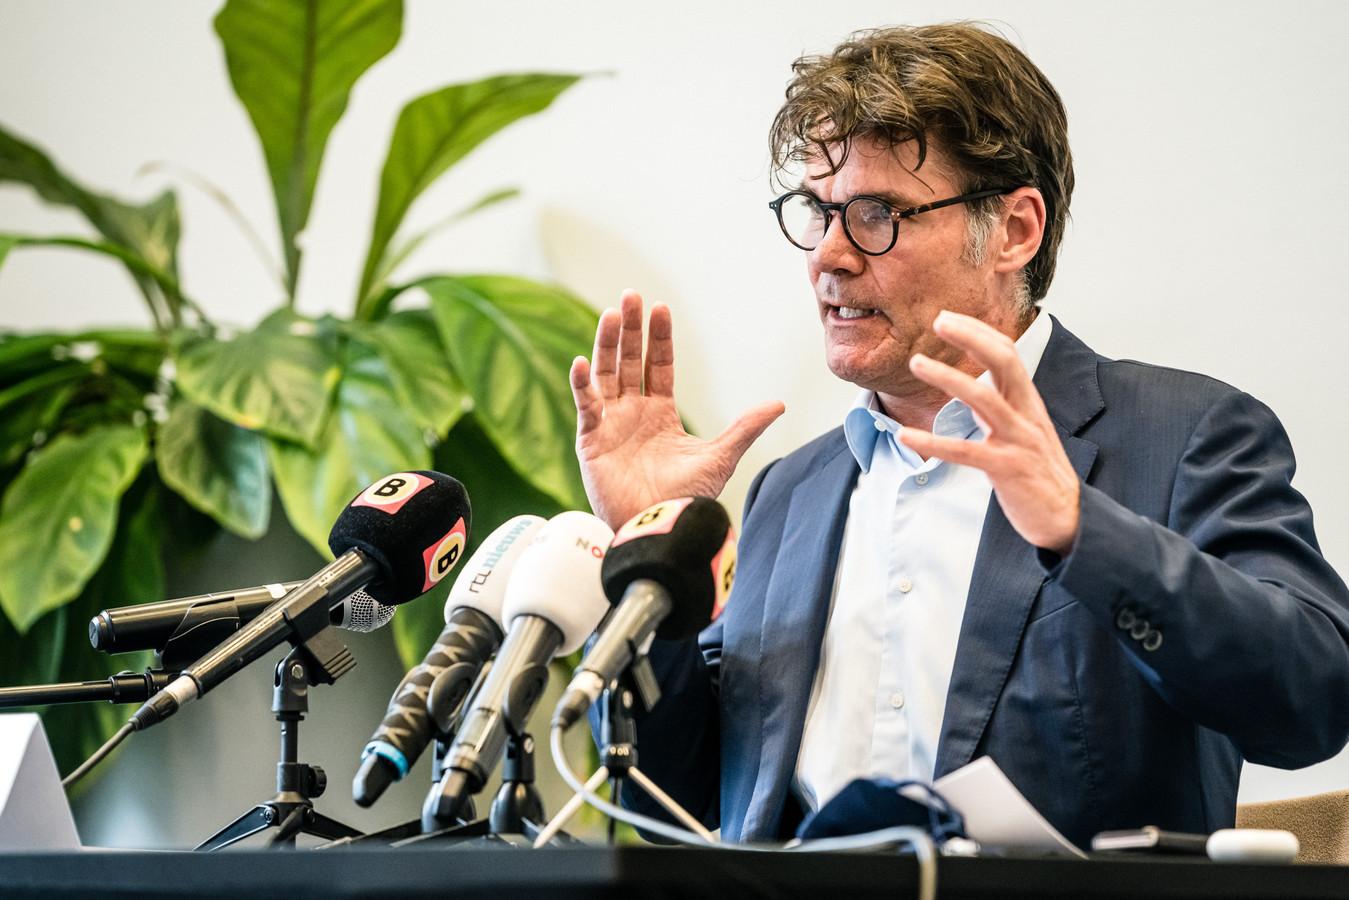 Burgemeester van Breda Paul Depla tijdens de persconferentie.